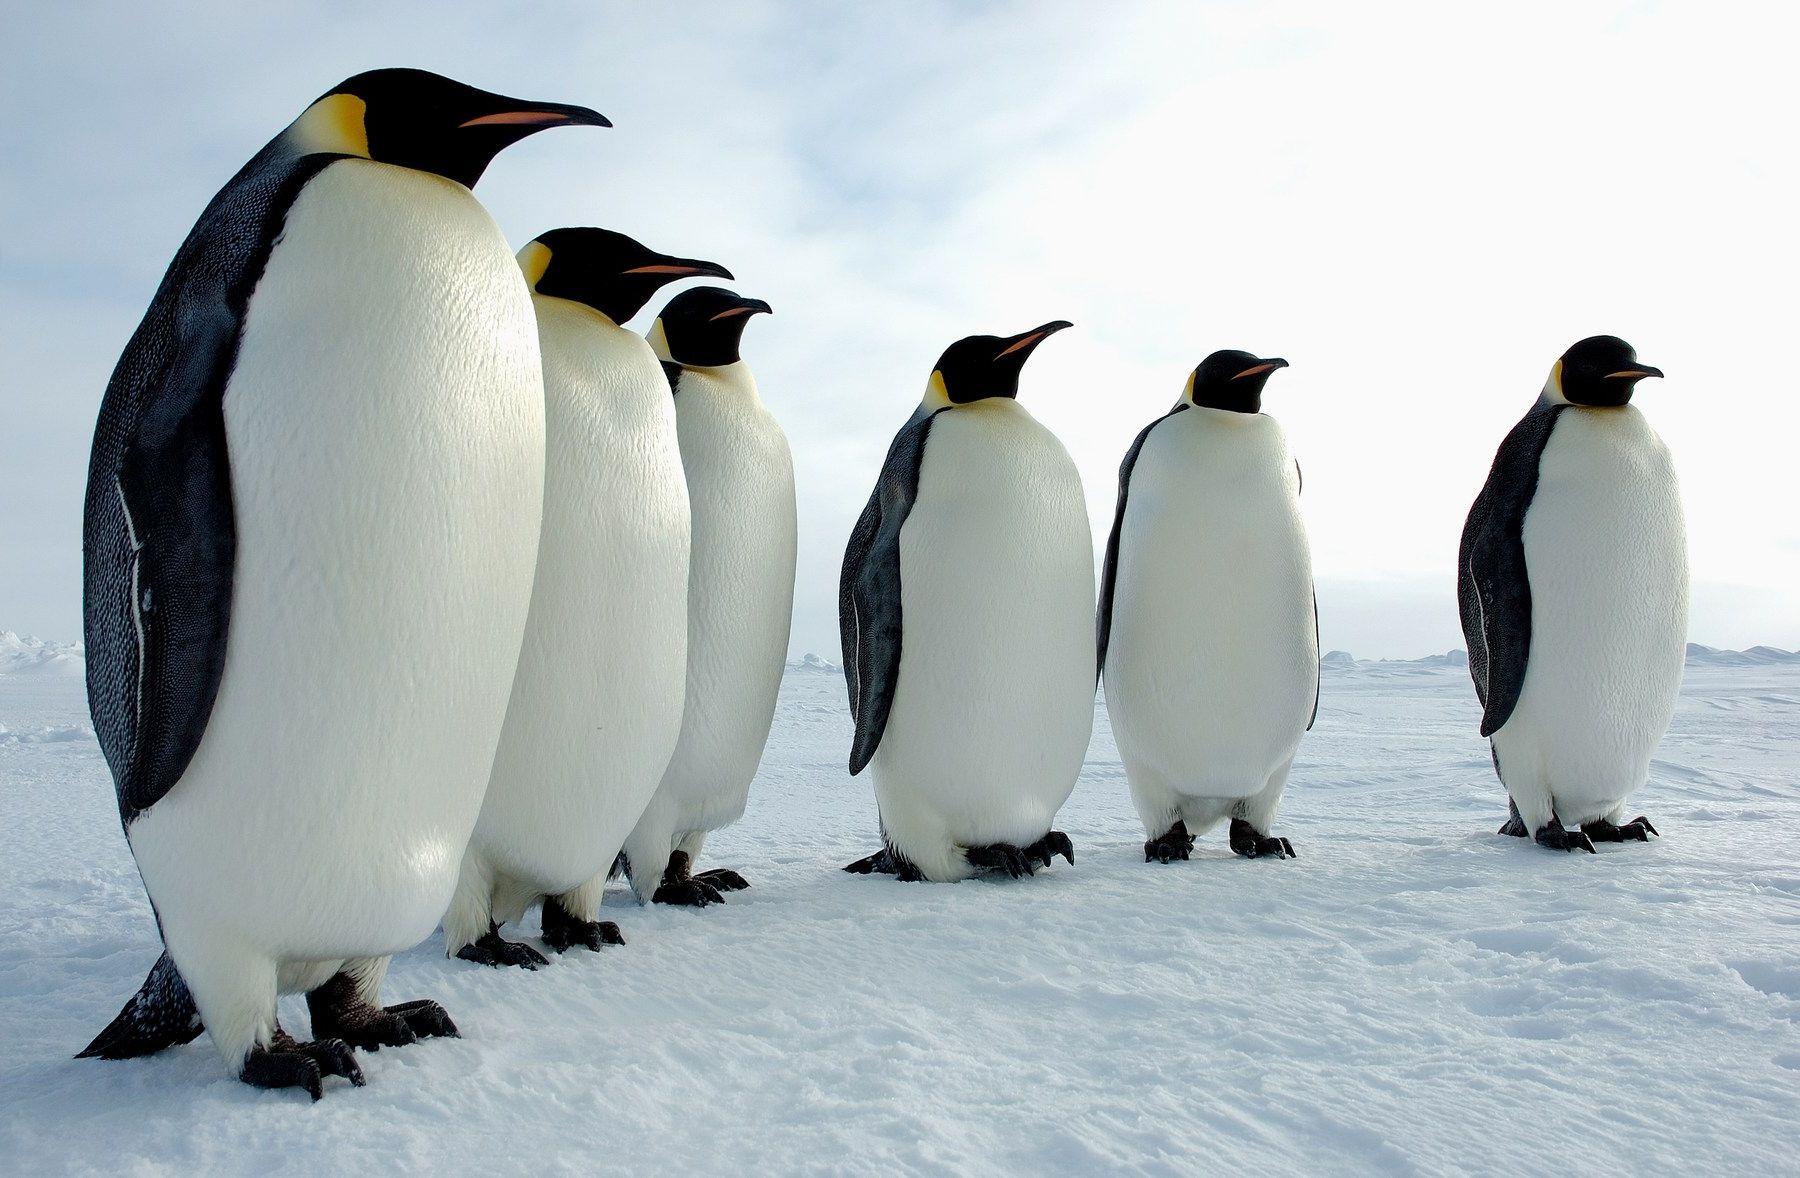 Documentaire Au cœur du paradis blanc, l'empereur des glaces